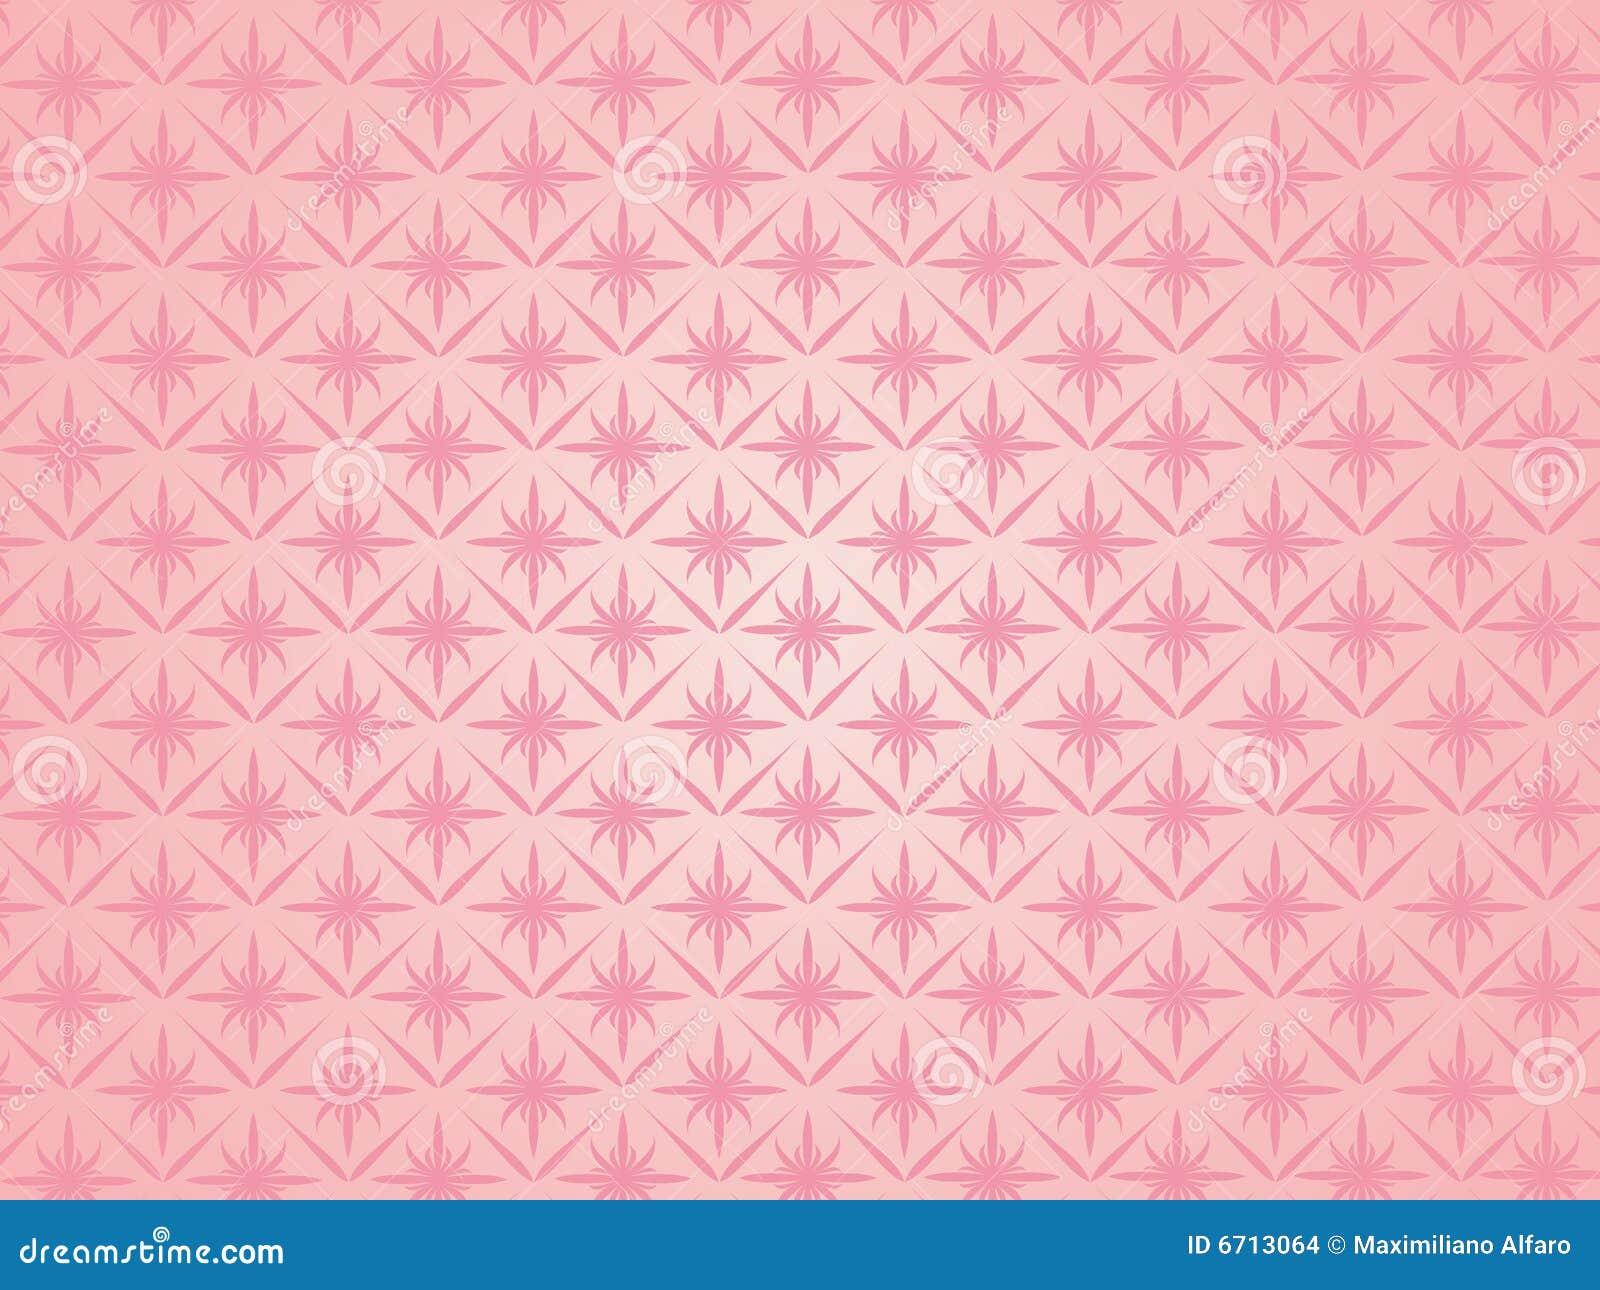 tapisserie rose images stock image 6713064. Black Bedroom Furniture Sets. Home Design Ideas